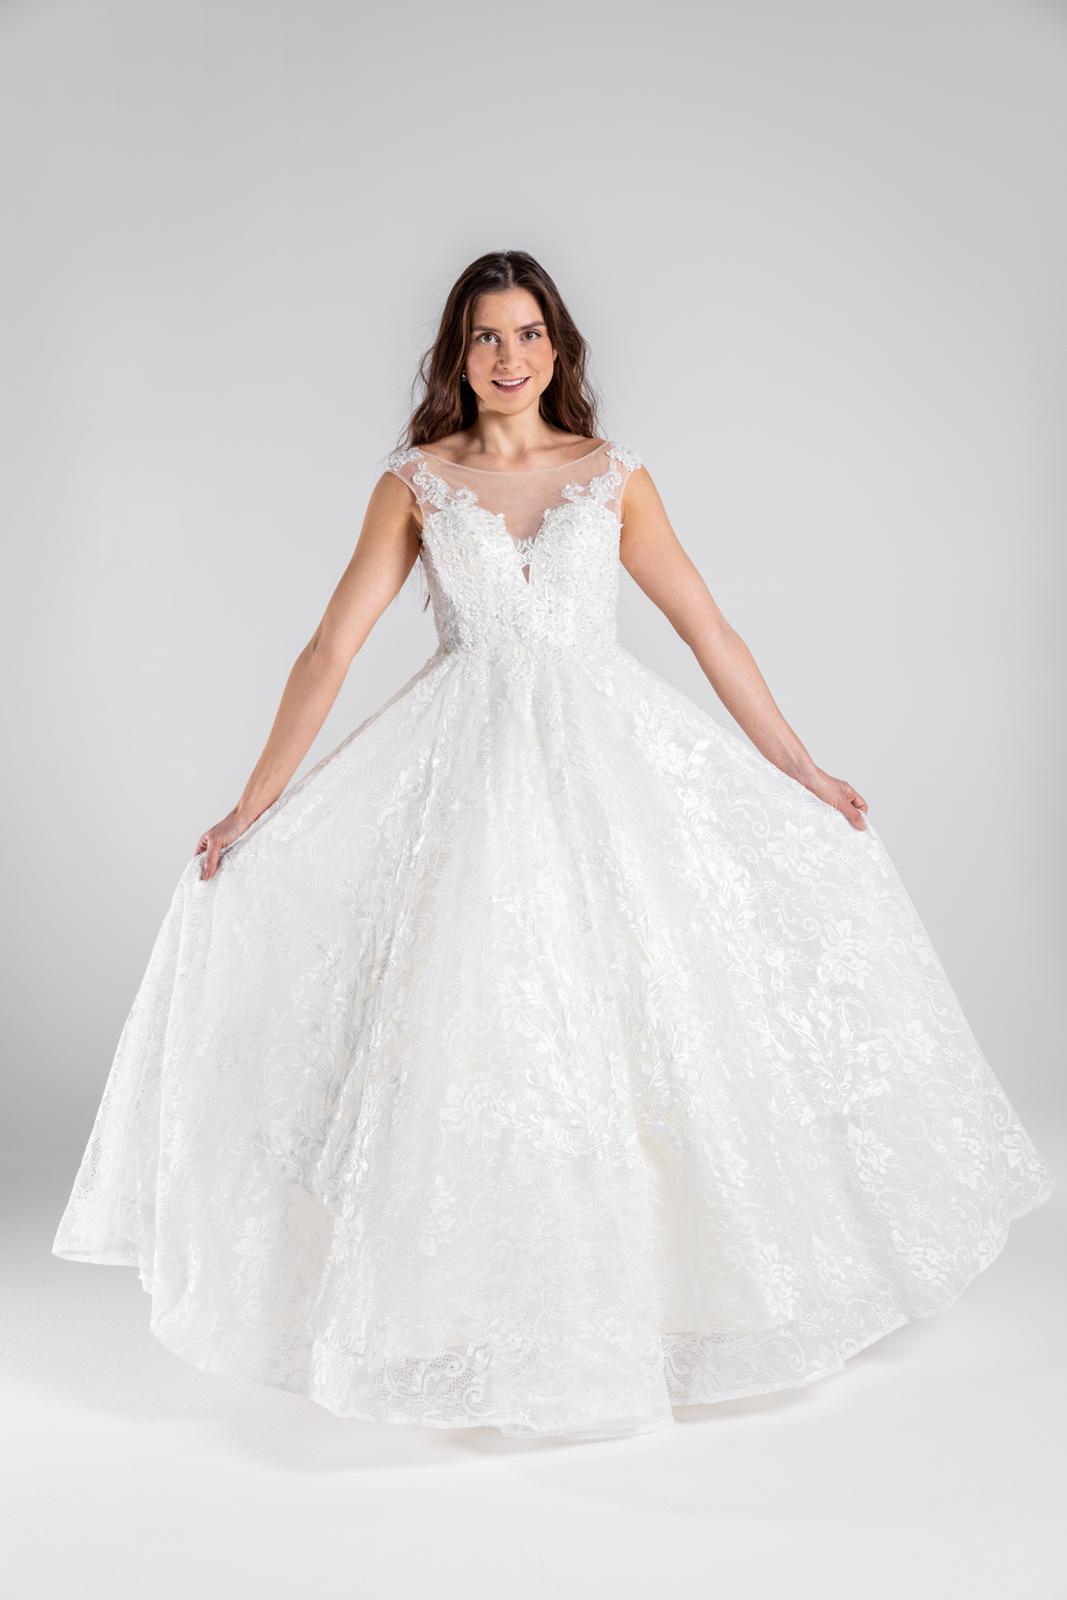 Princeznovské svatební šaty, vel 34-40 - Obrázek č. 1